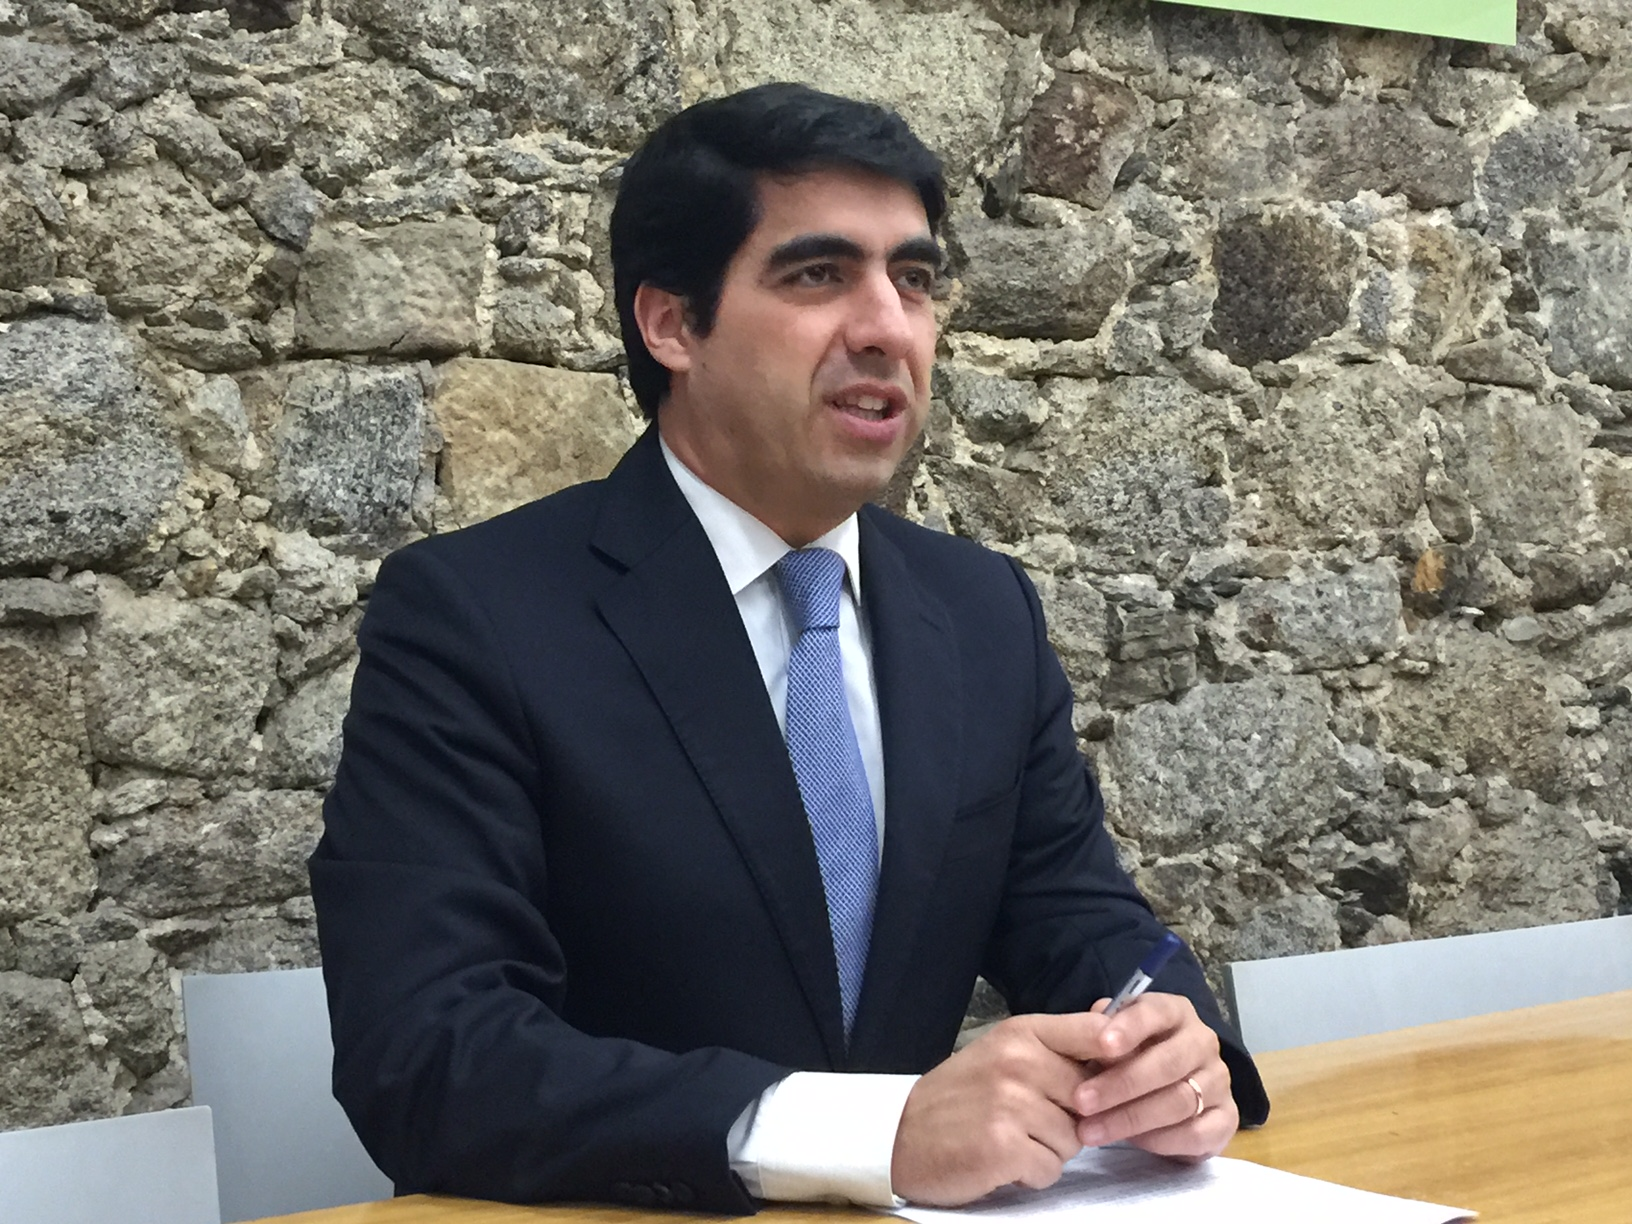 Miguel Alves é o novo presidente da federação distrital do PS de Viana do Castelo